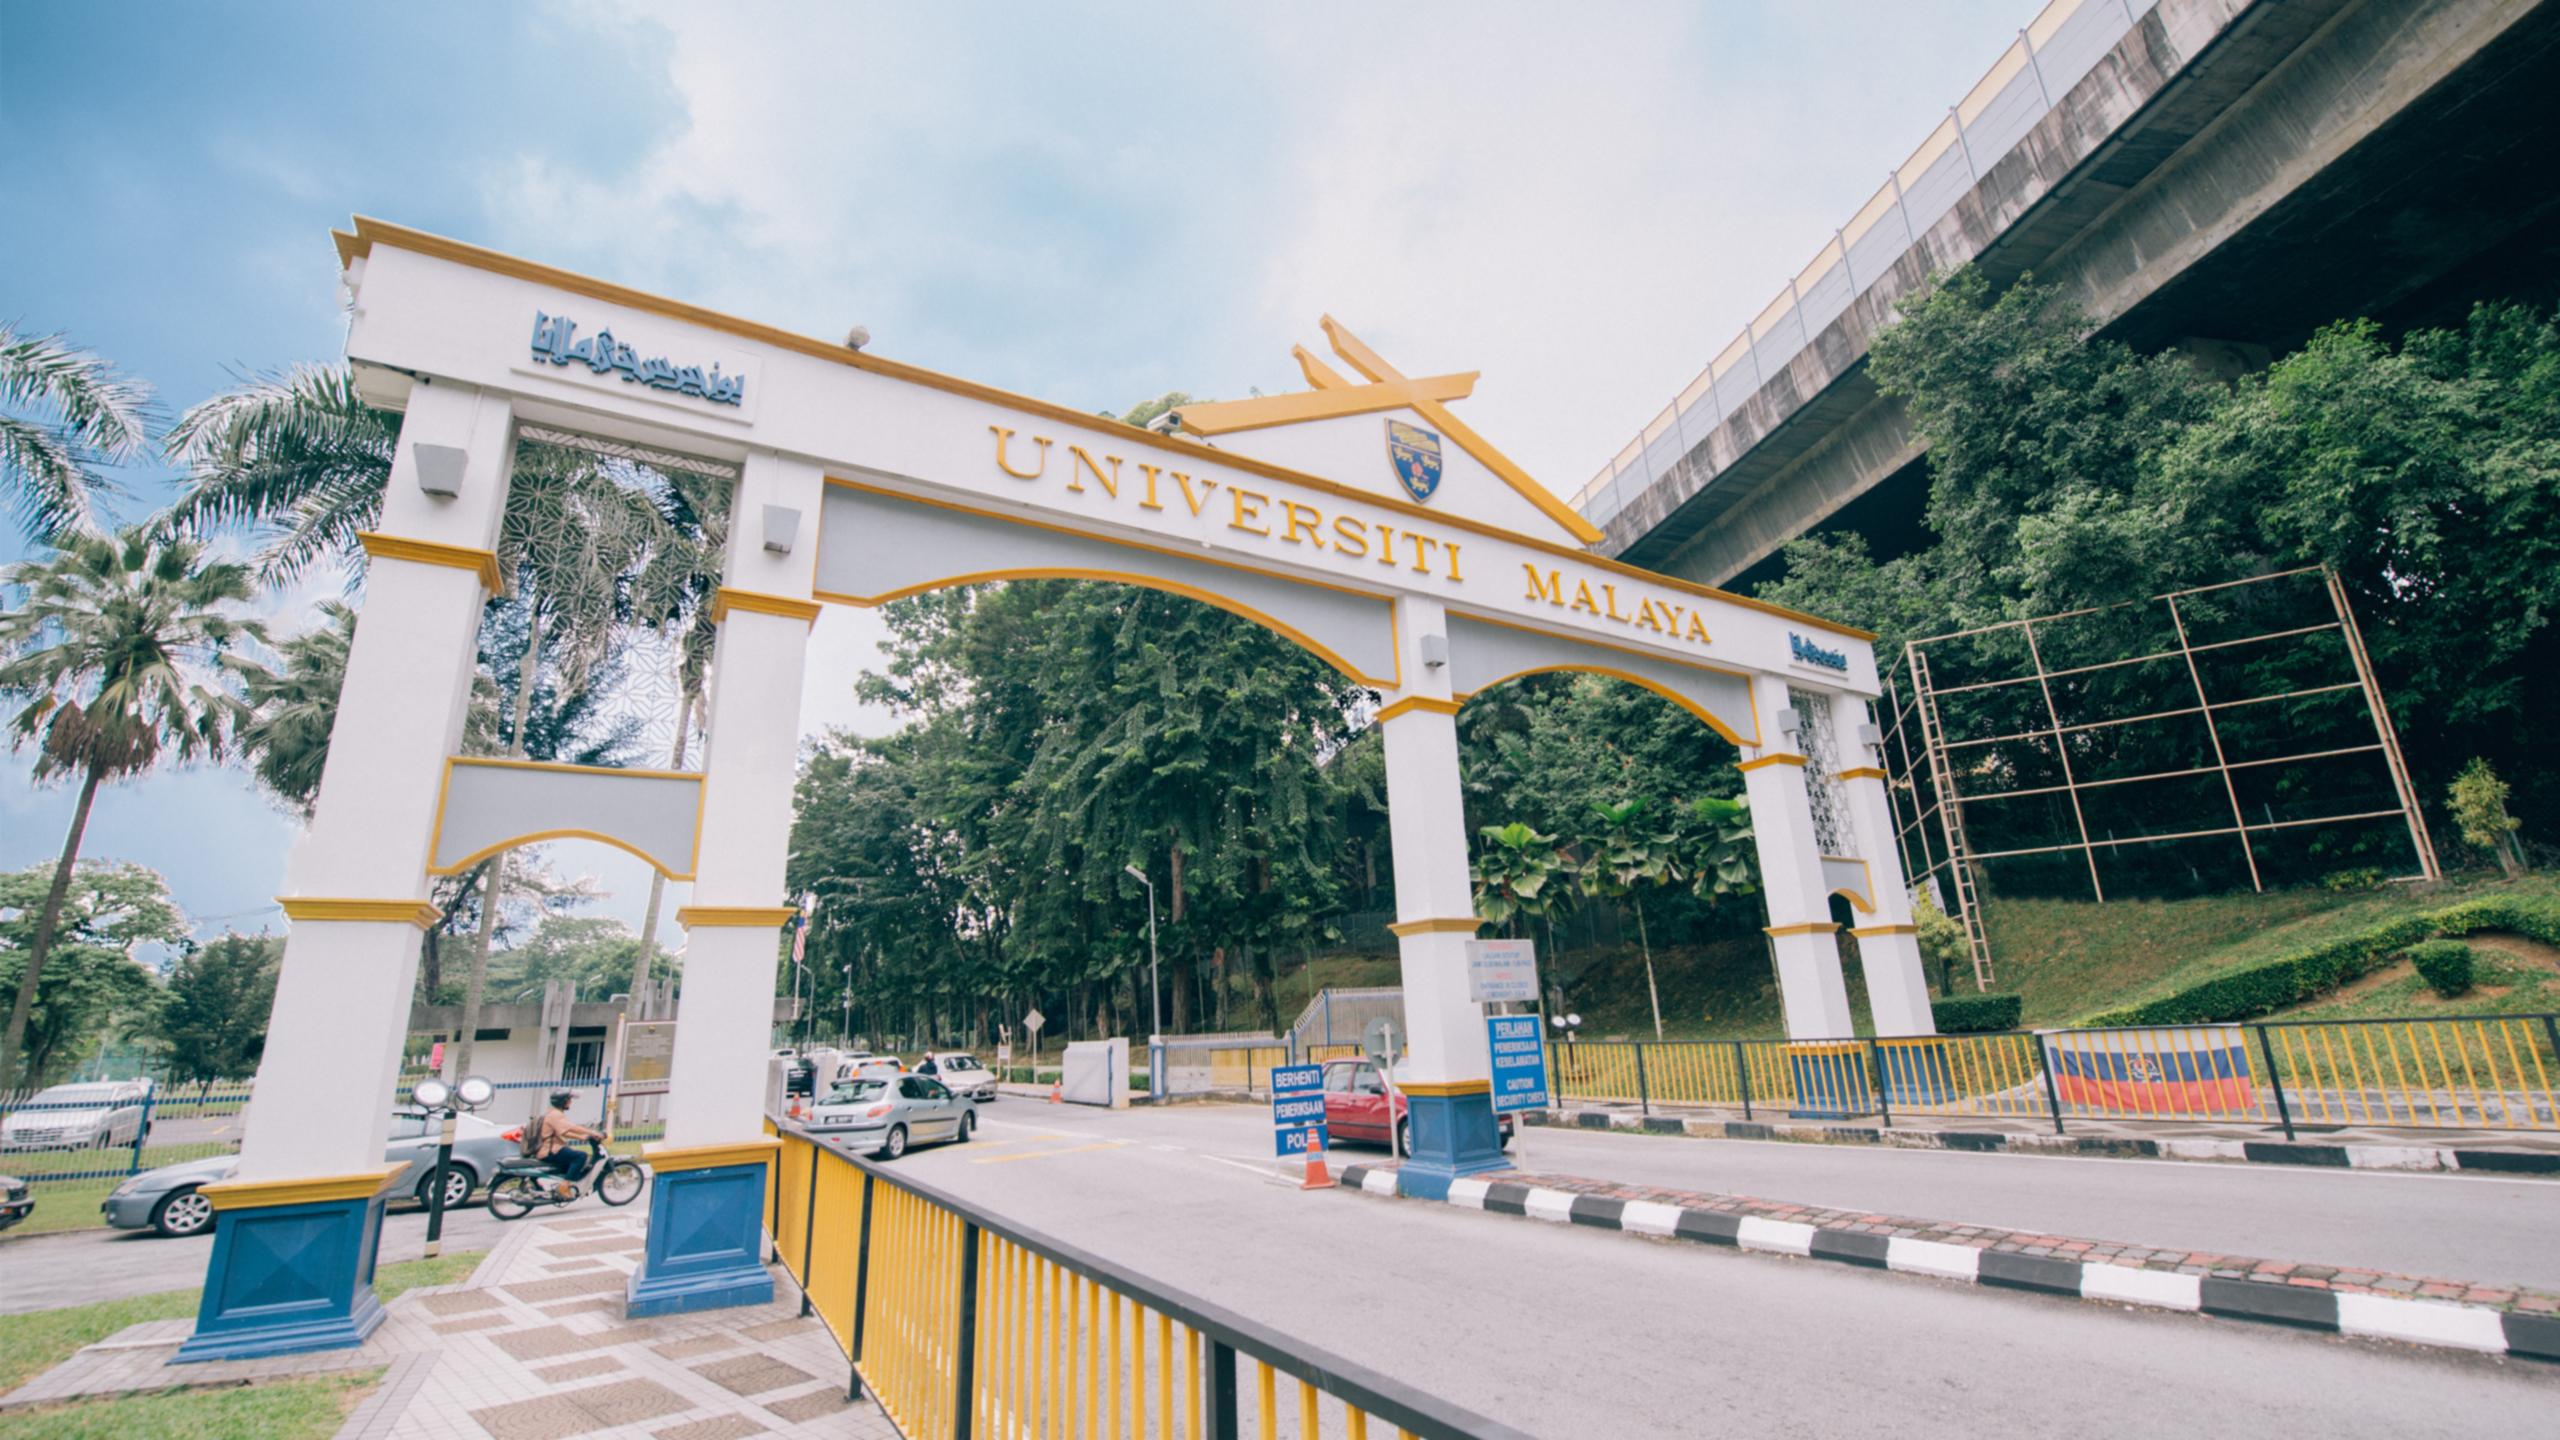 Source: University of Malaya